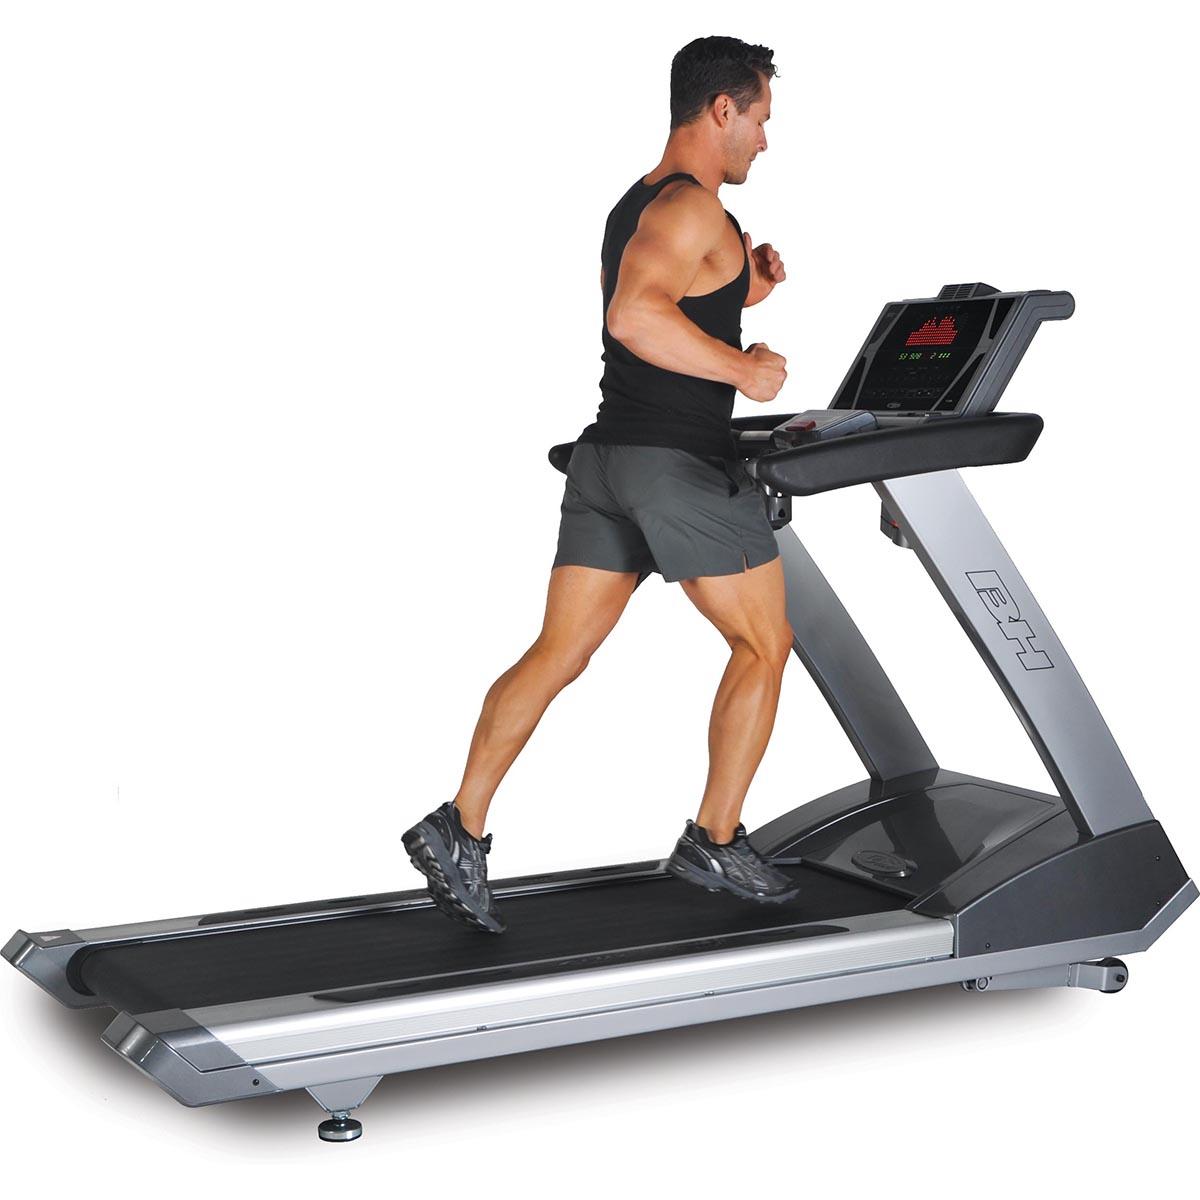 Landice L7 Treadmill Safety Key: LK700Ti Treadmill, Commercial Grade